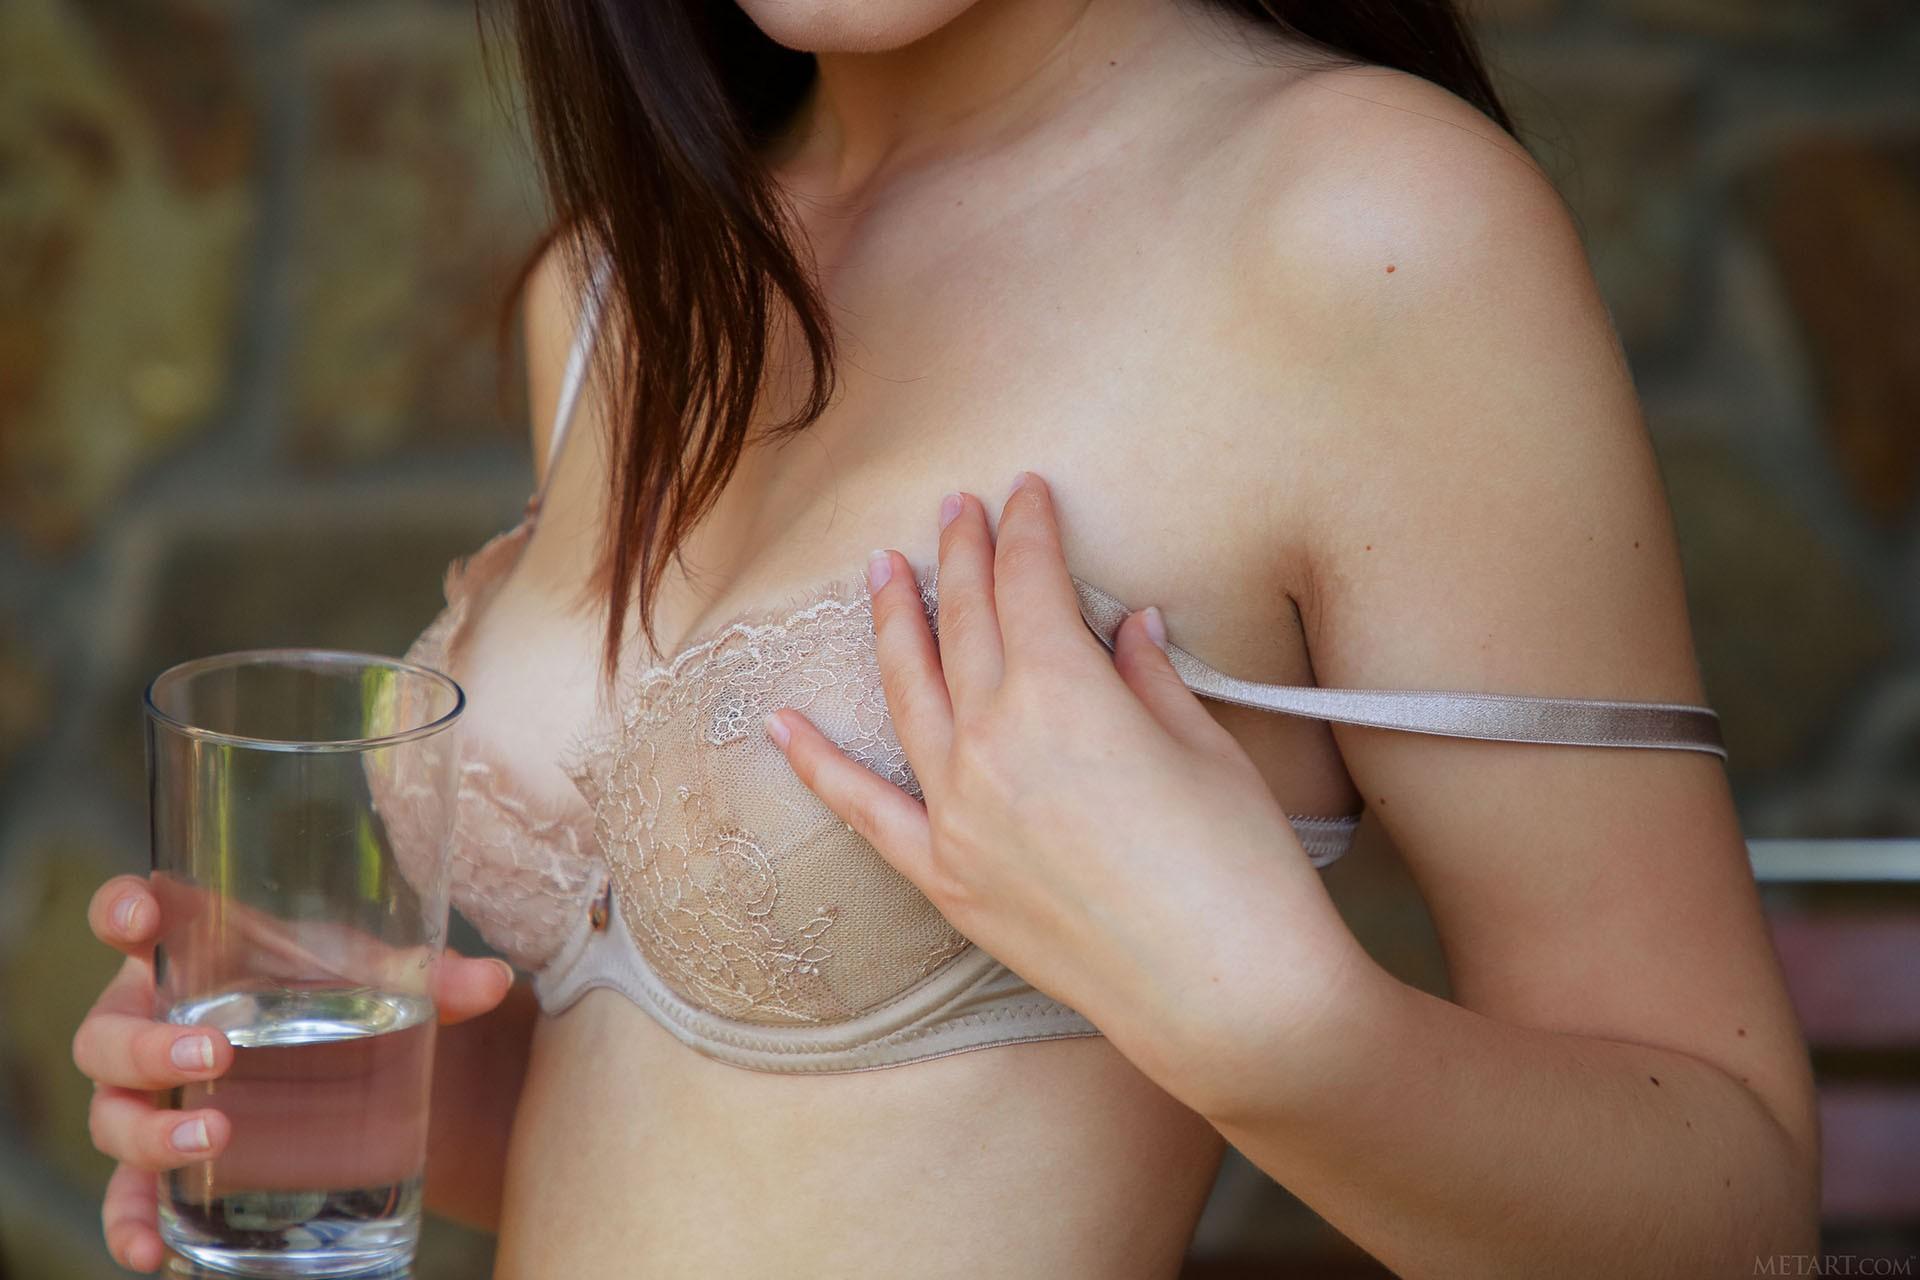 http://media.naked-woman.org/uploads/2020/04/10586_14.jpg